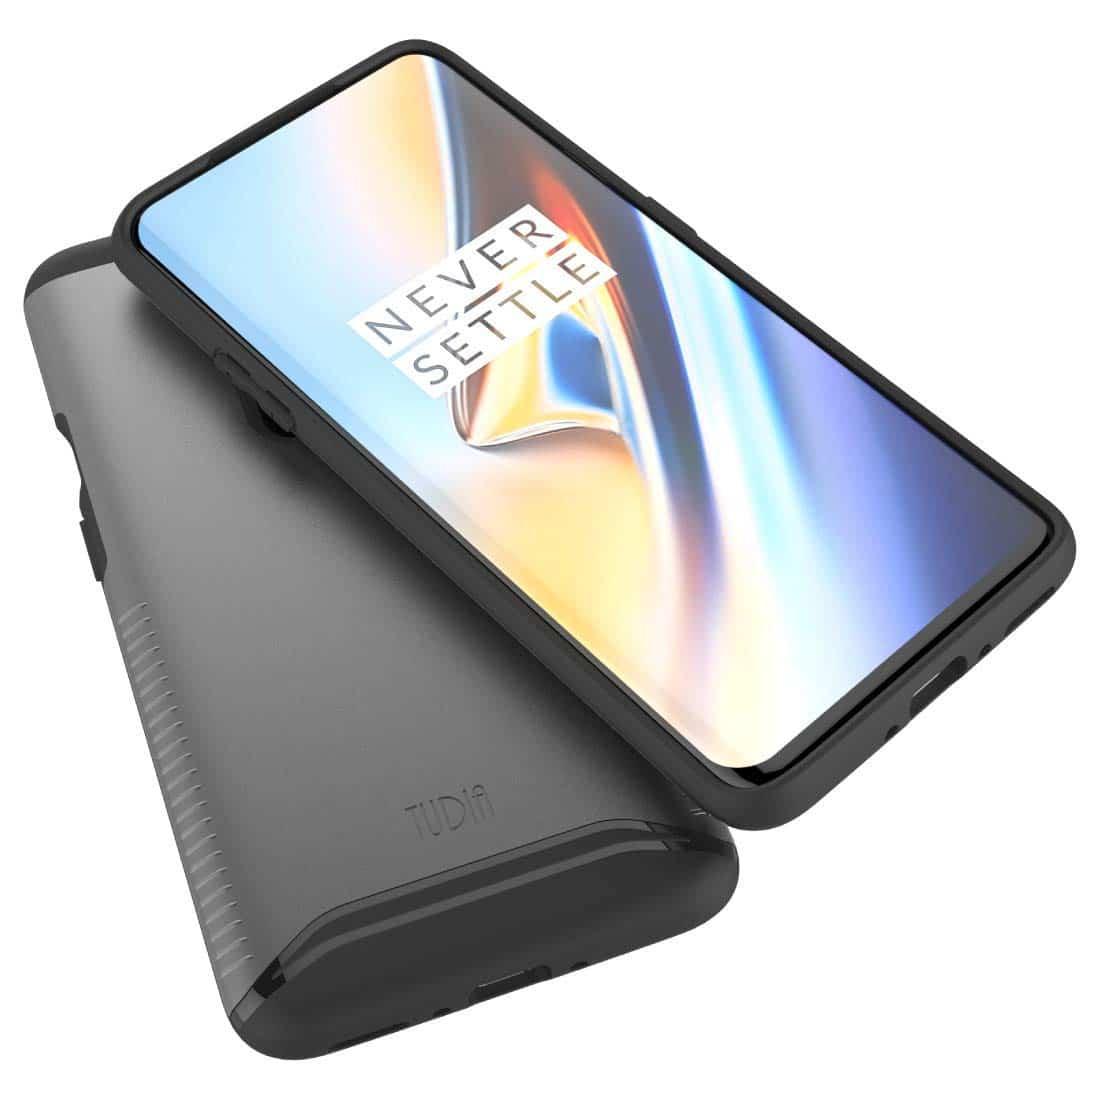 TUDIA OnePlus 7 Pro Case